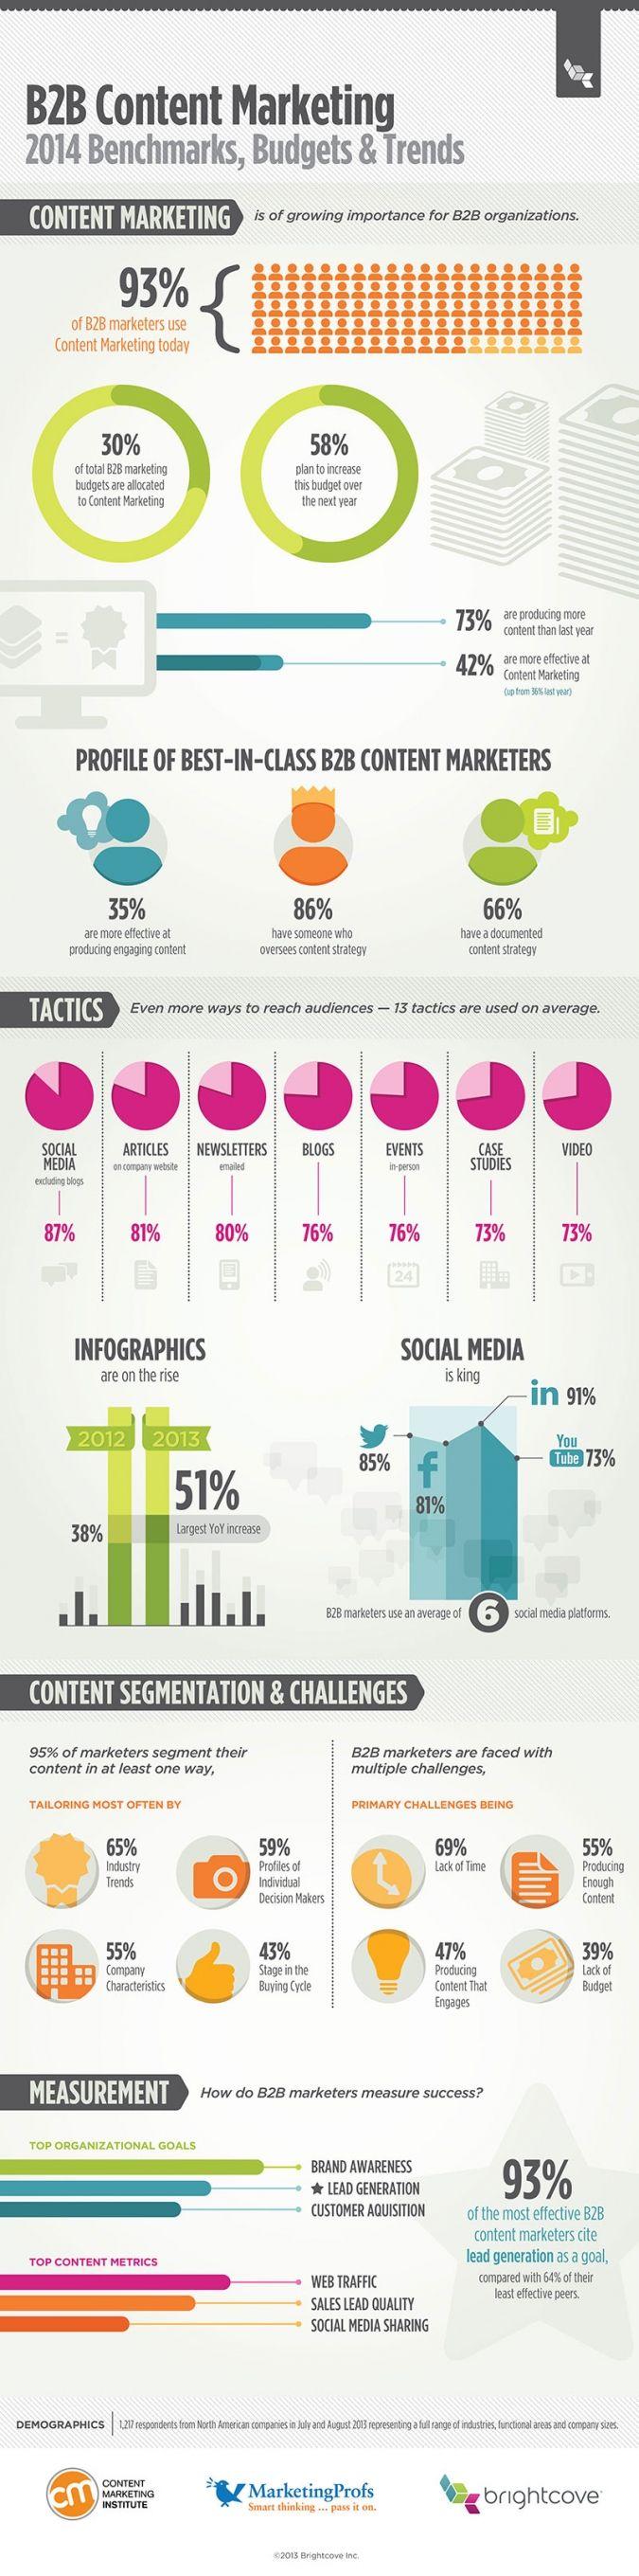 Die Infografik mit den wichtigsten Trends für eure B2B Content Marketing Strategie für 2014.